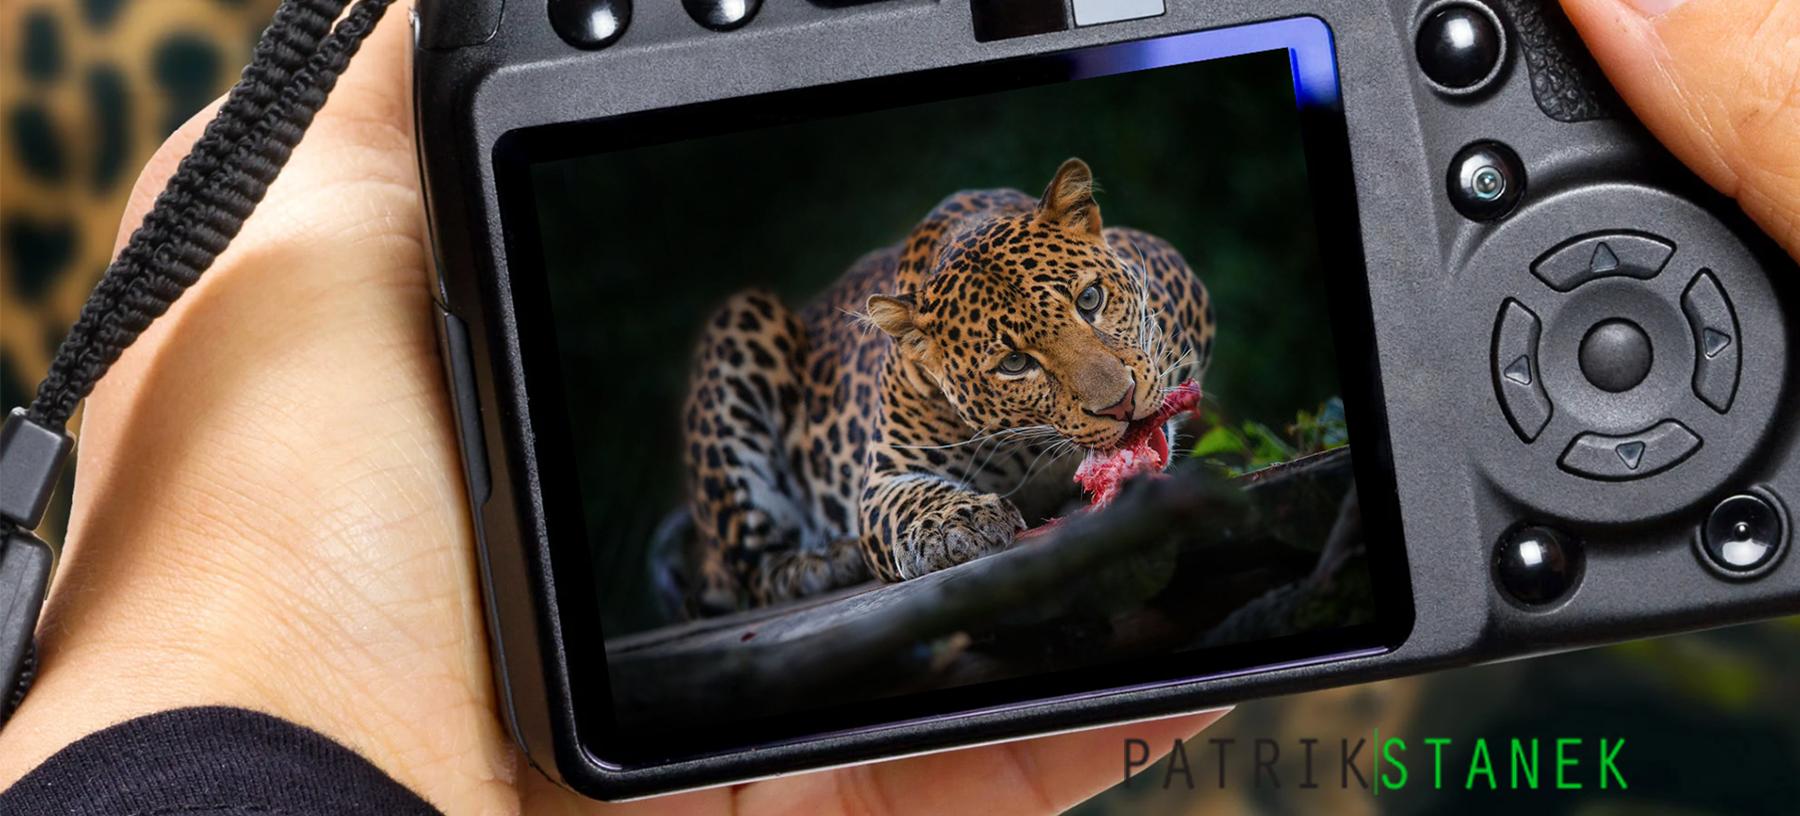 Fotografický kurz v 10 zoologických zahradách pro začátečníky i pokročilé